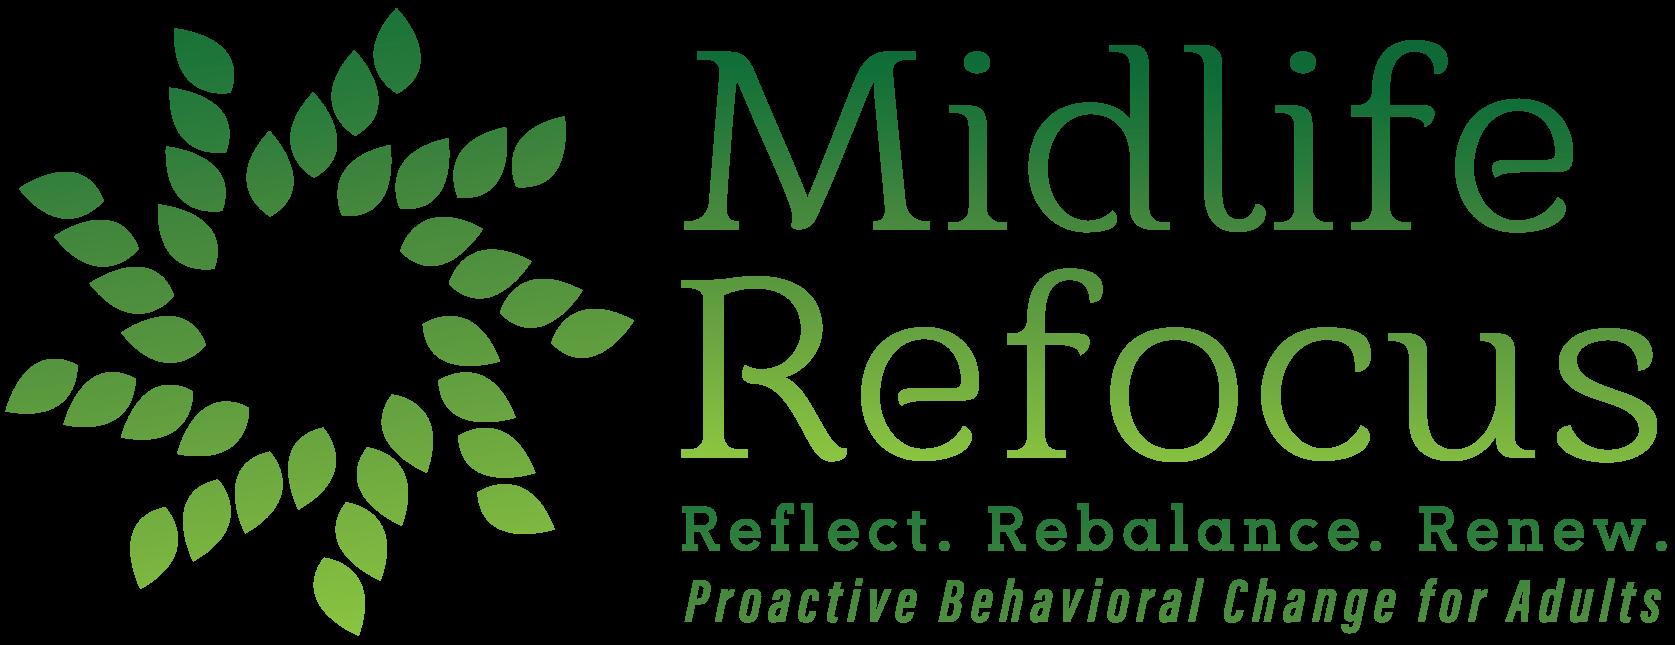 Midlife Refocus